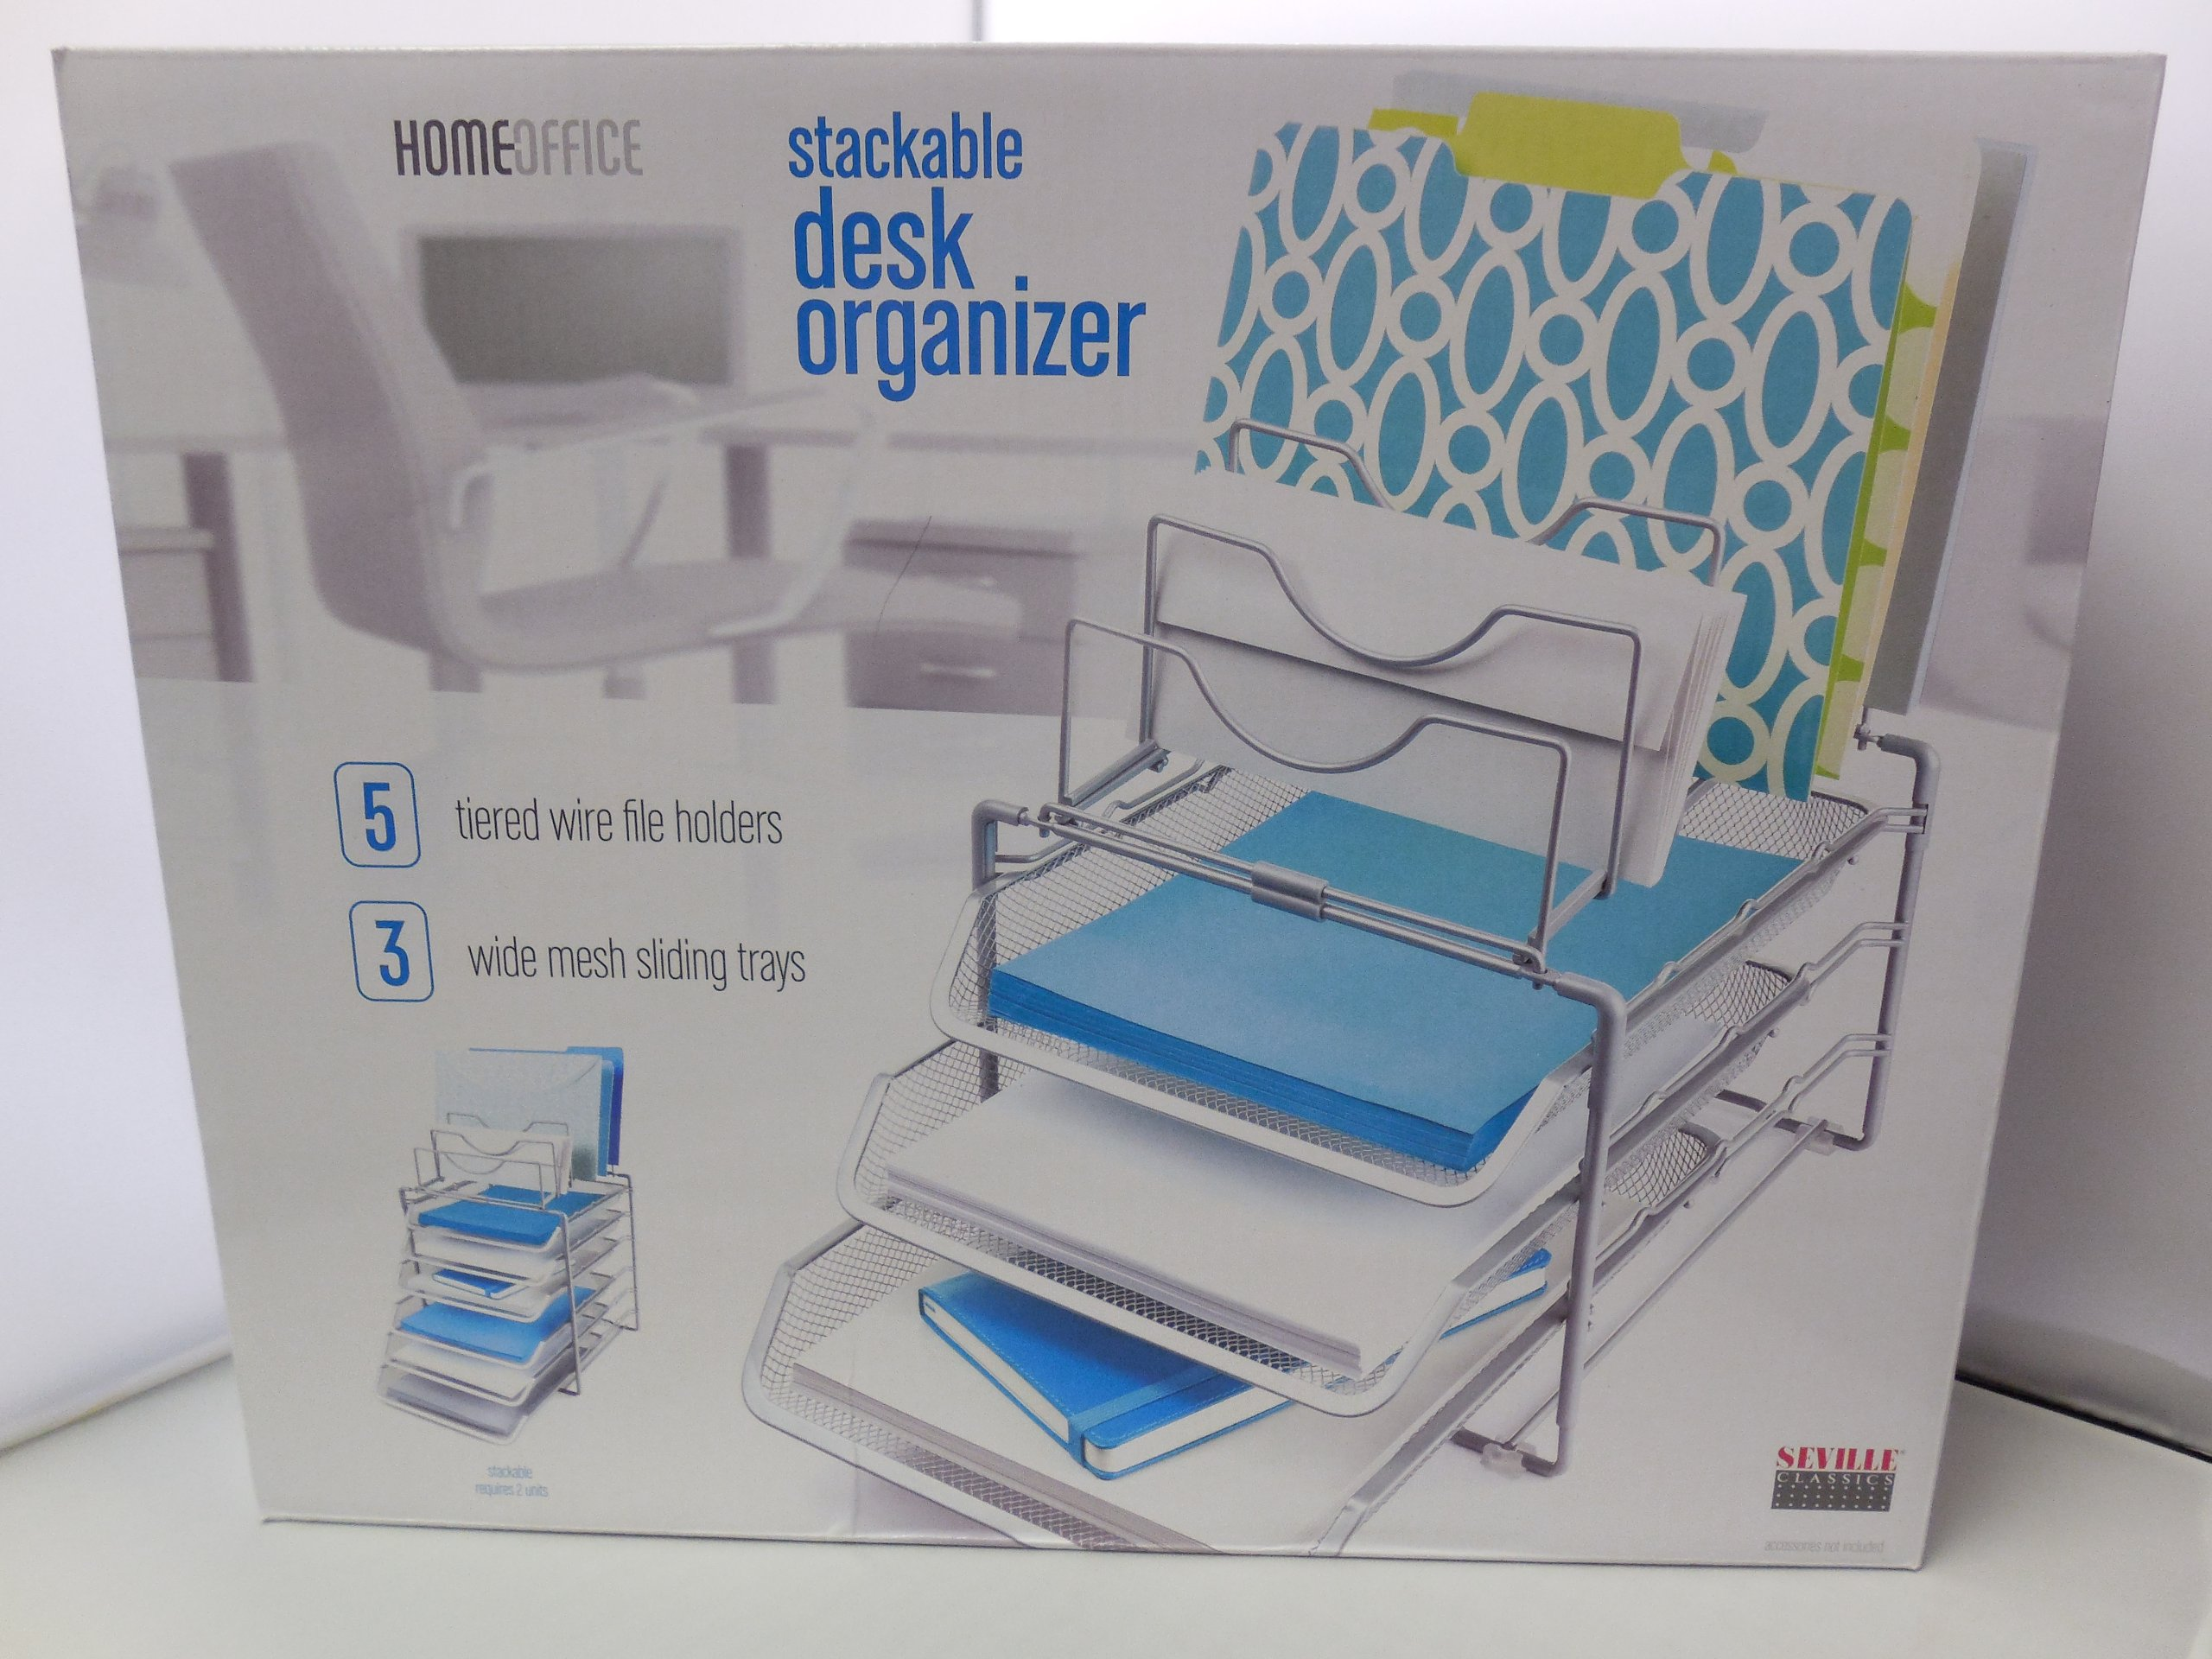 Home office stackable desk organizer kitchen ebay - Stackable 20desk 20organizer ...